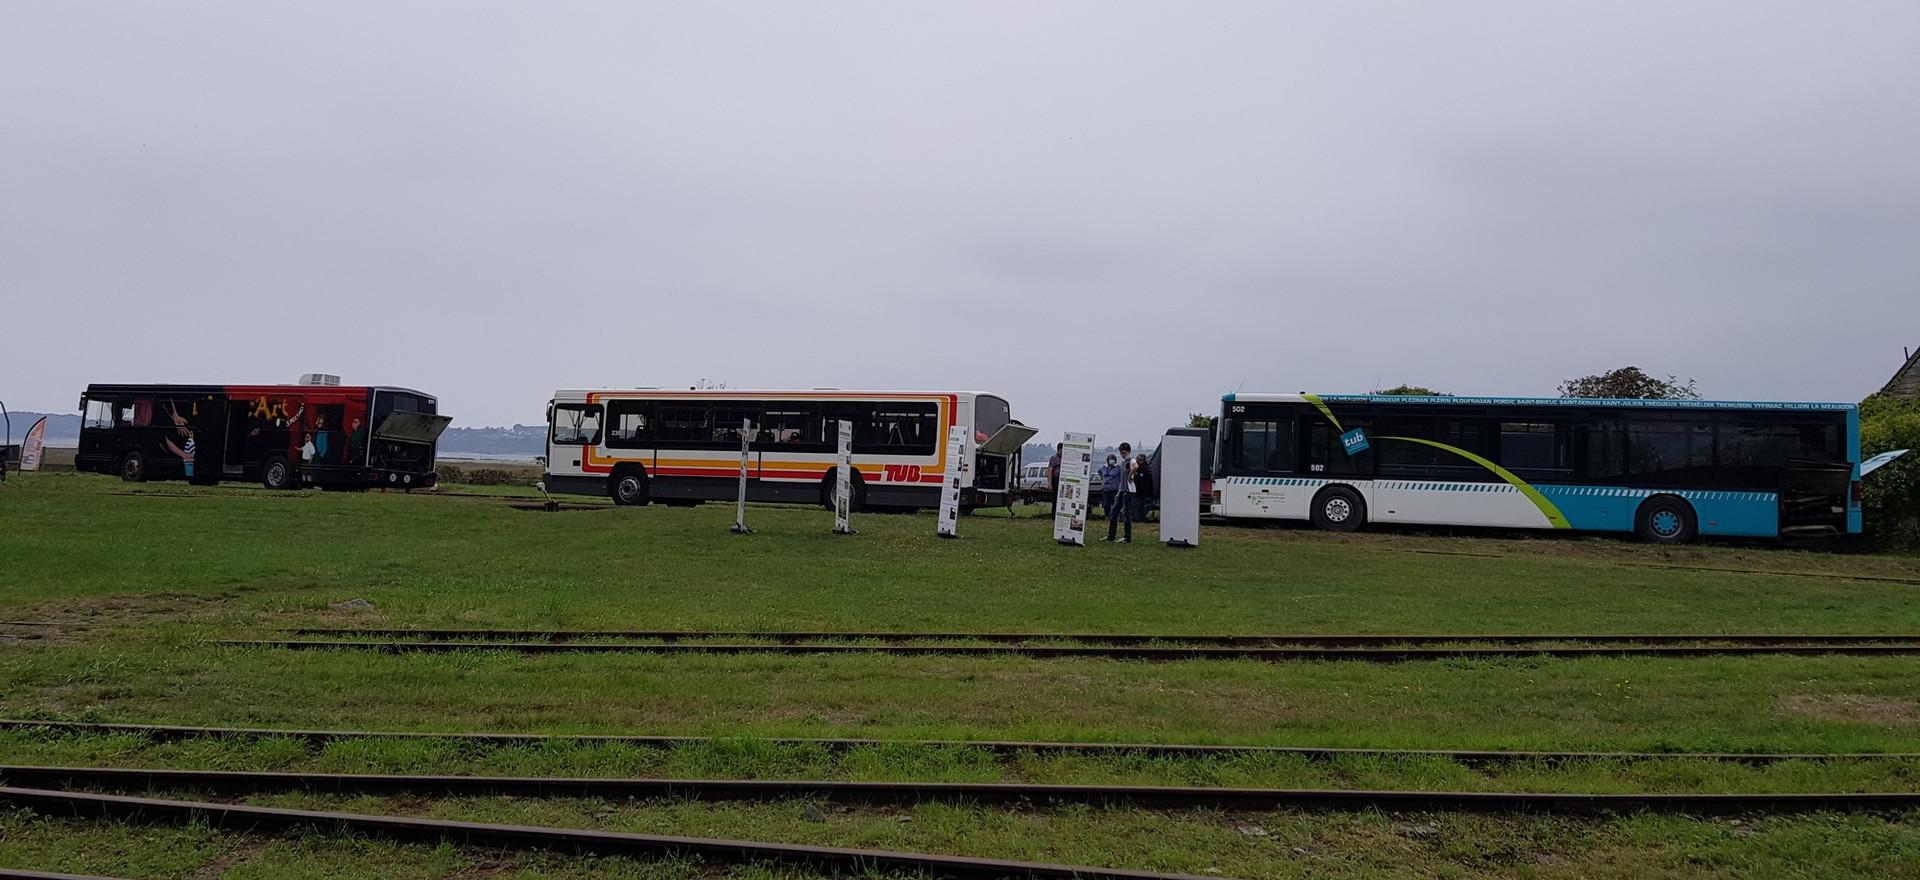 Les autobus de l'association en exposition